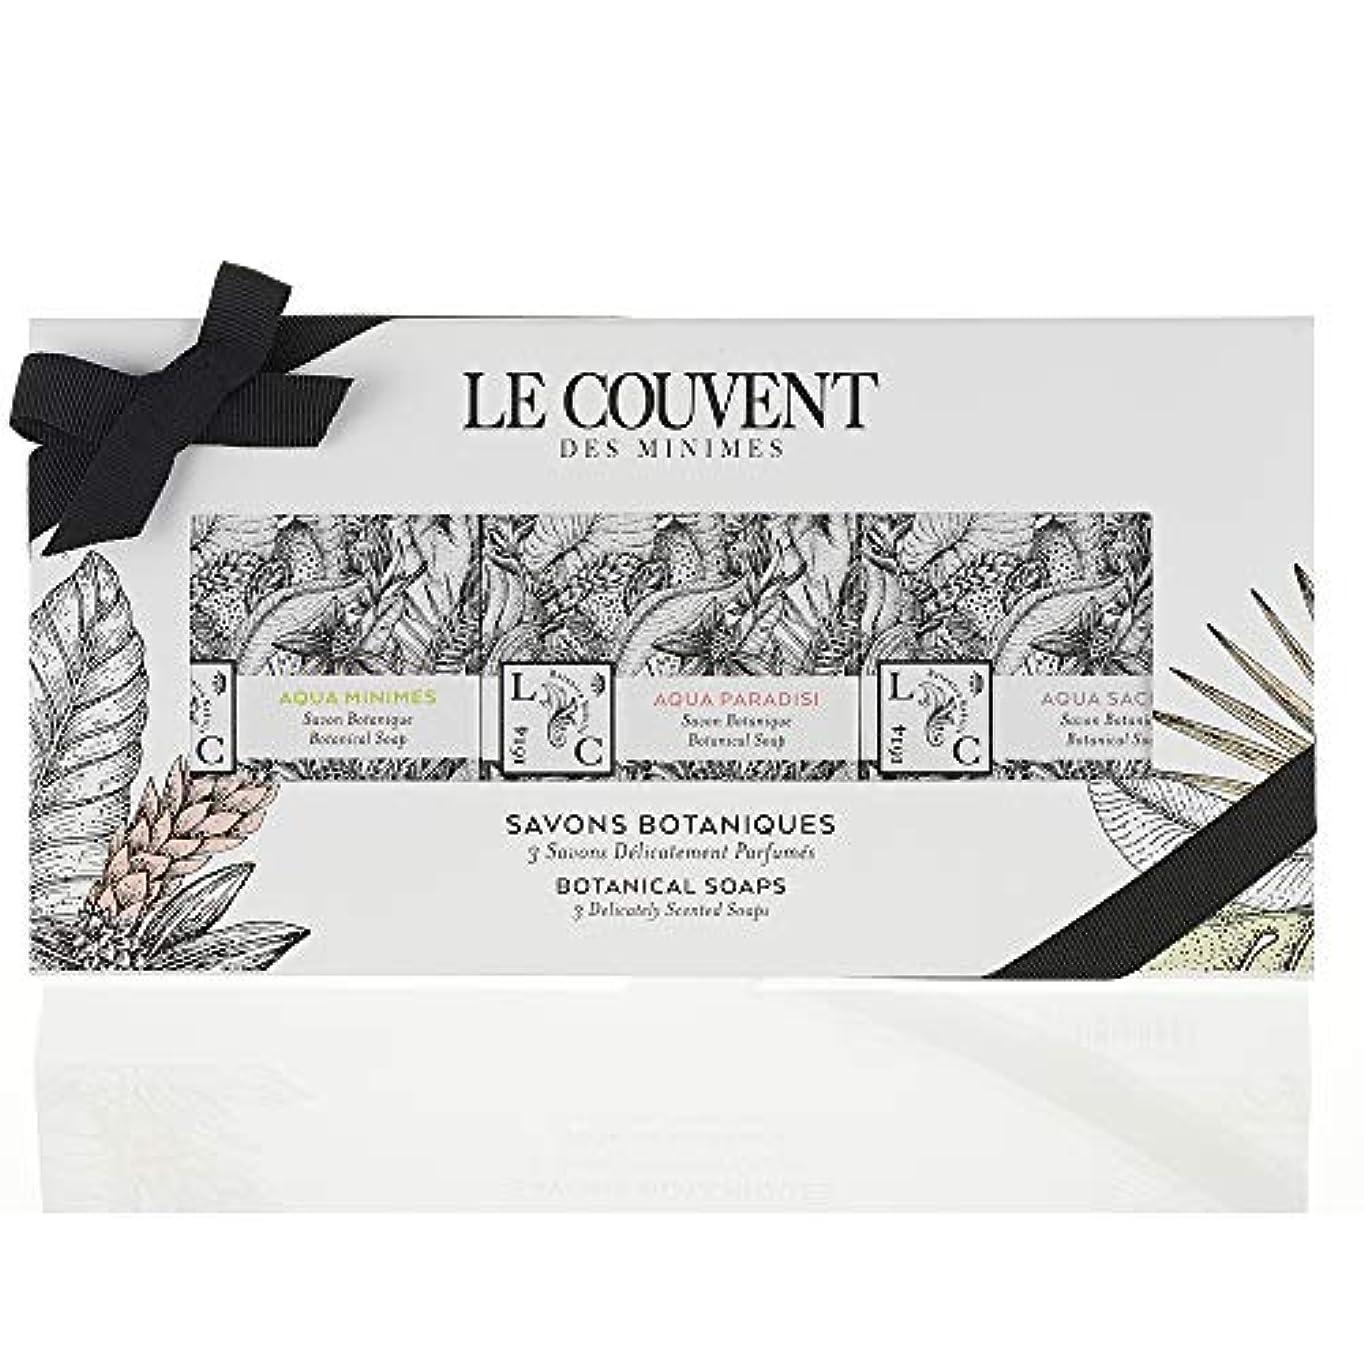 破壊的なベイビー求めるクヴォン?デ?ミニム(Le Couvent des Minimes) ボタニカル ソープセット 石鹸 アクアミニム ボタニカルソープ、アクアパラディシ ボタニカルソープ、アクアサクラエ ボタニカルソープ各50g